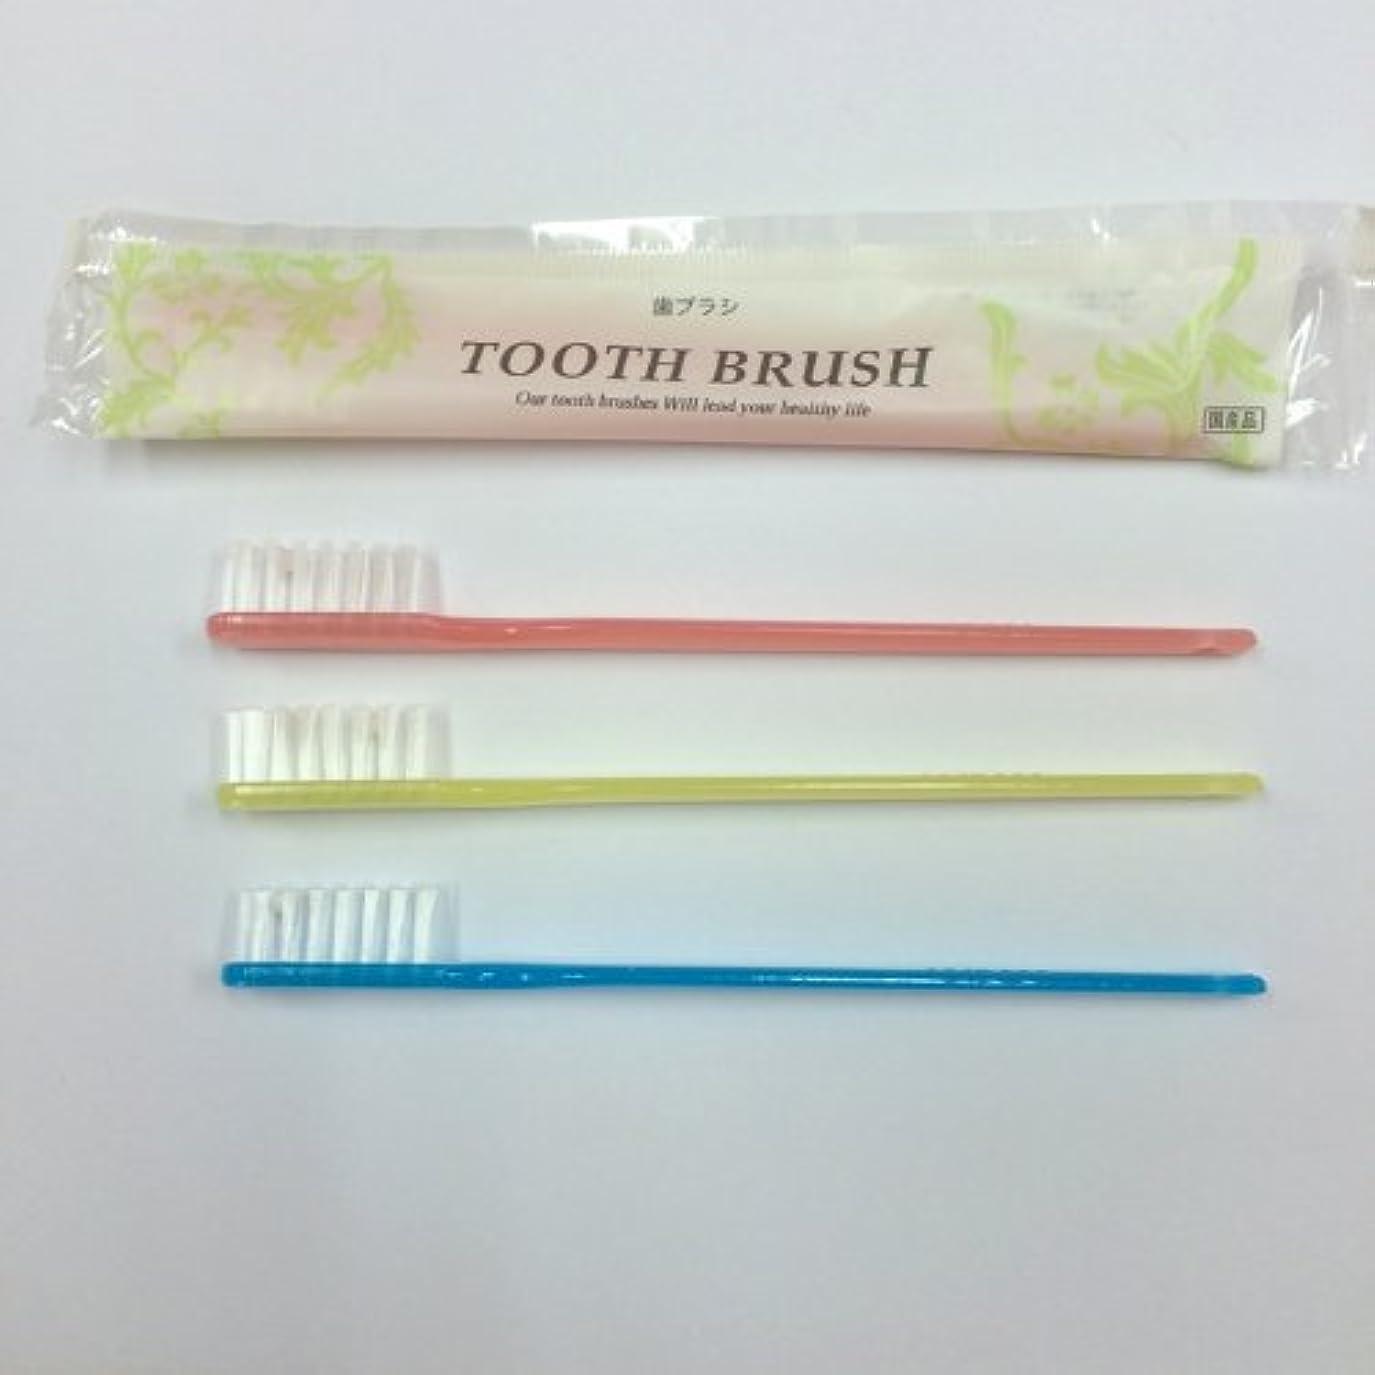 石油スクラッチ分析的なインスタント歯ブラシ 3色アソート(ピンク?ブルー?イエロー) 200本